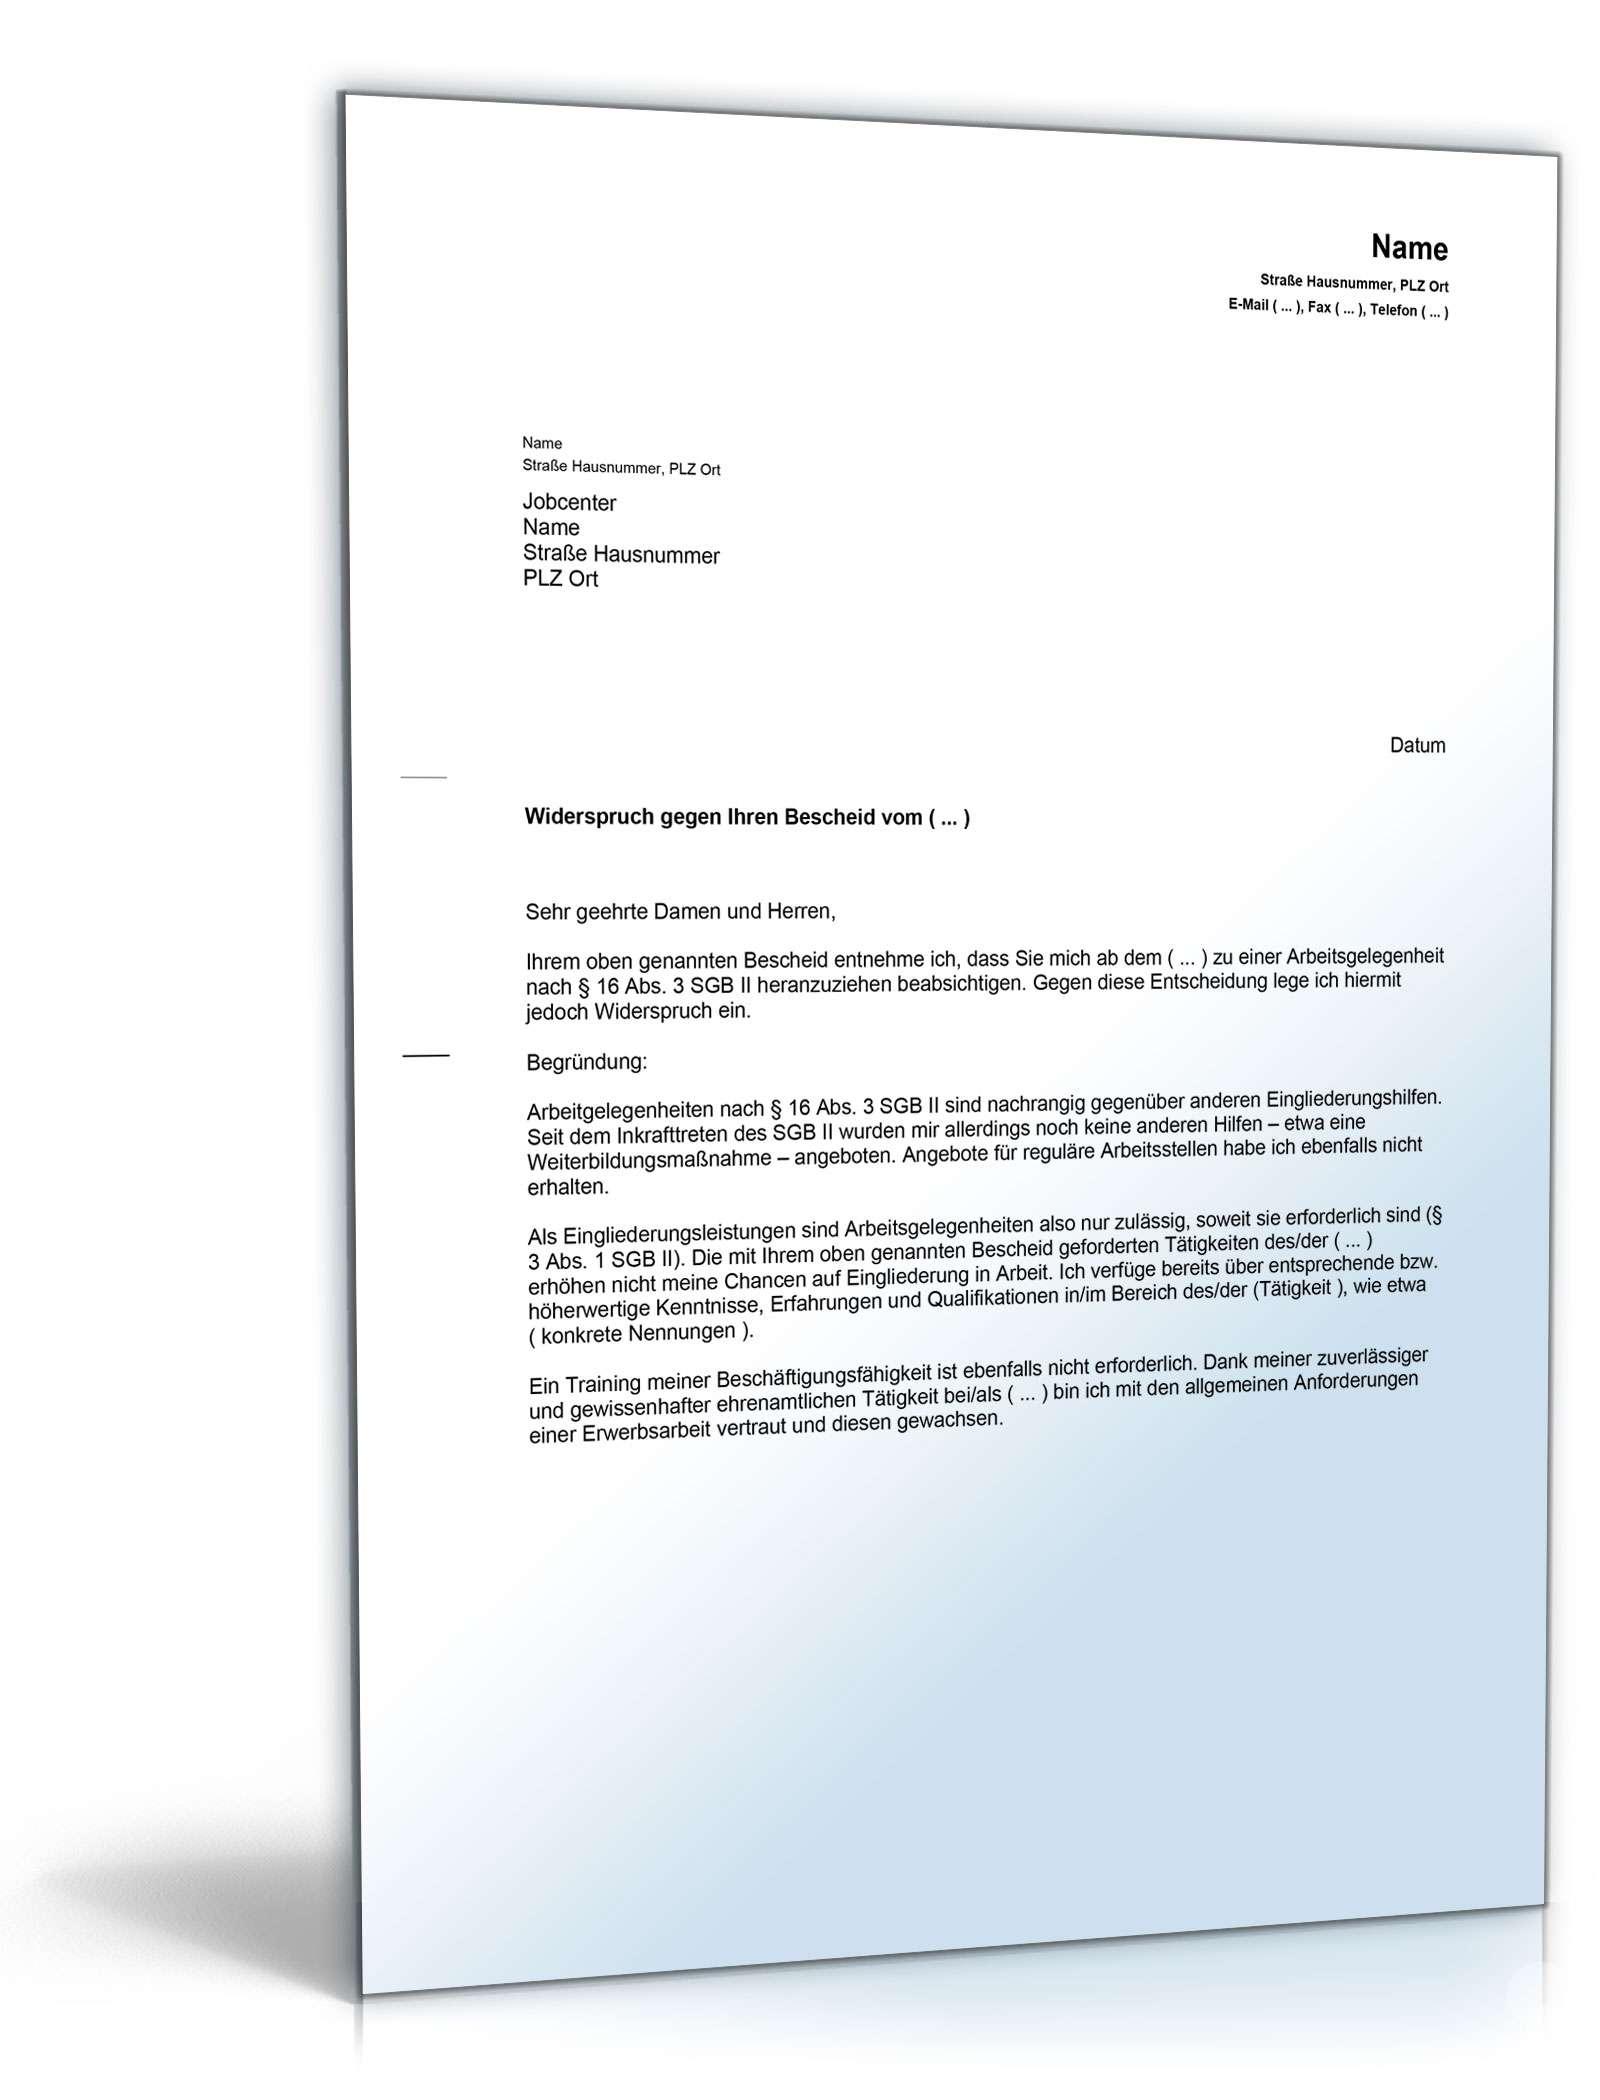 Widerspruch Verpflichtung 1 Euro Job Vorlage Zum Download